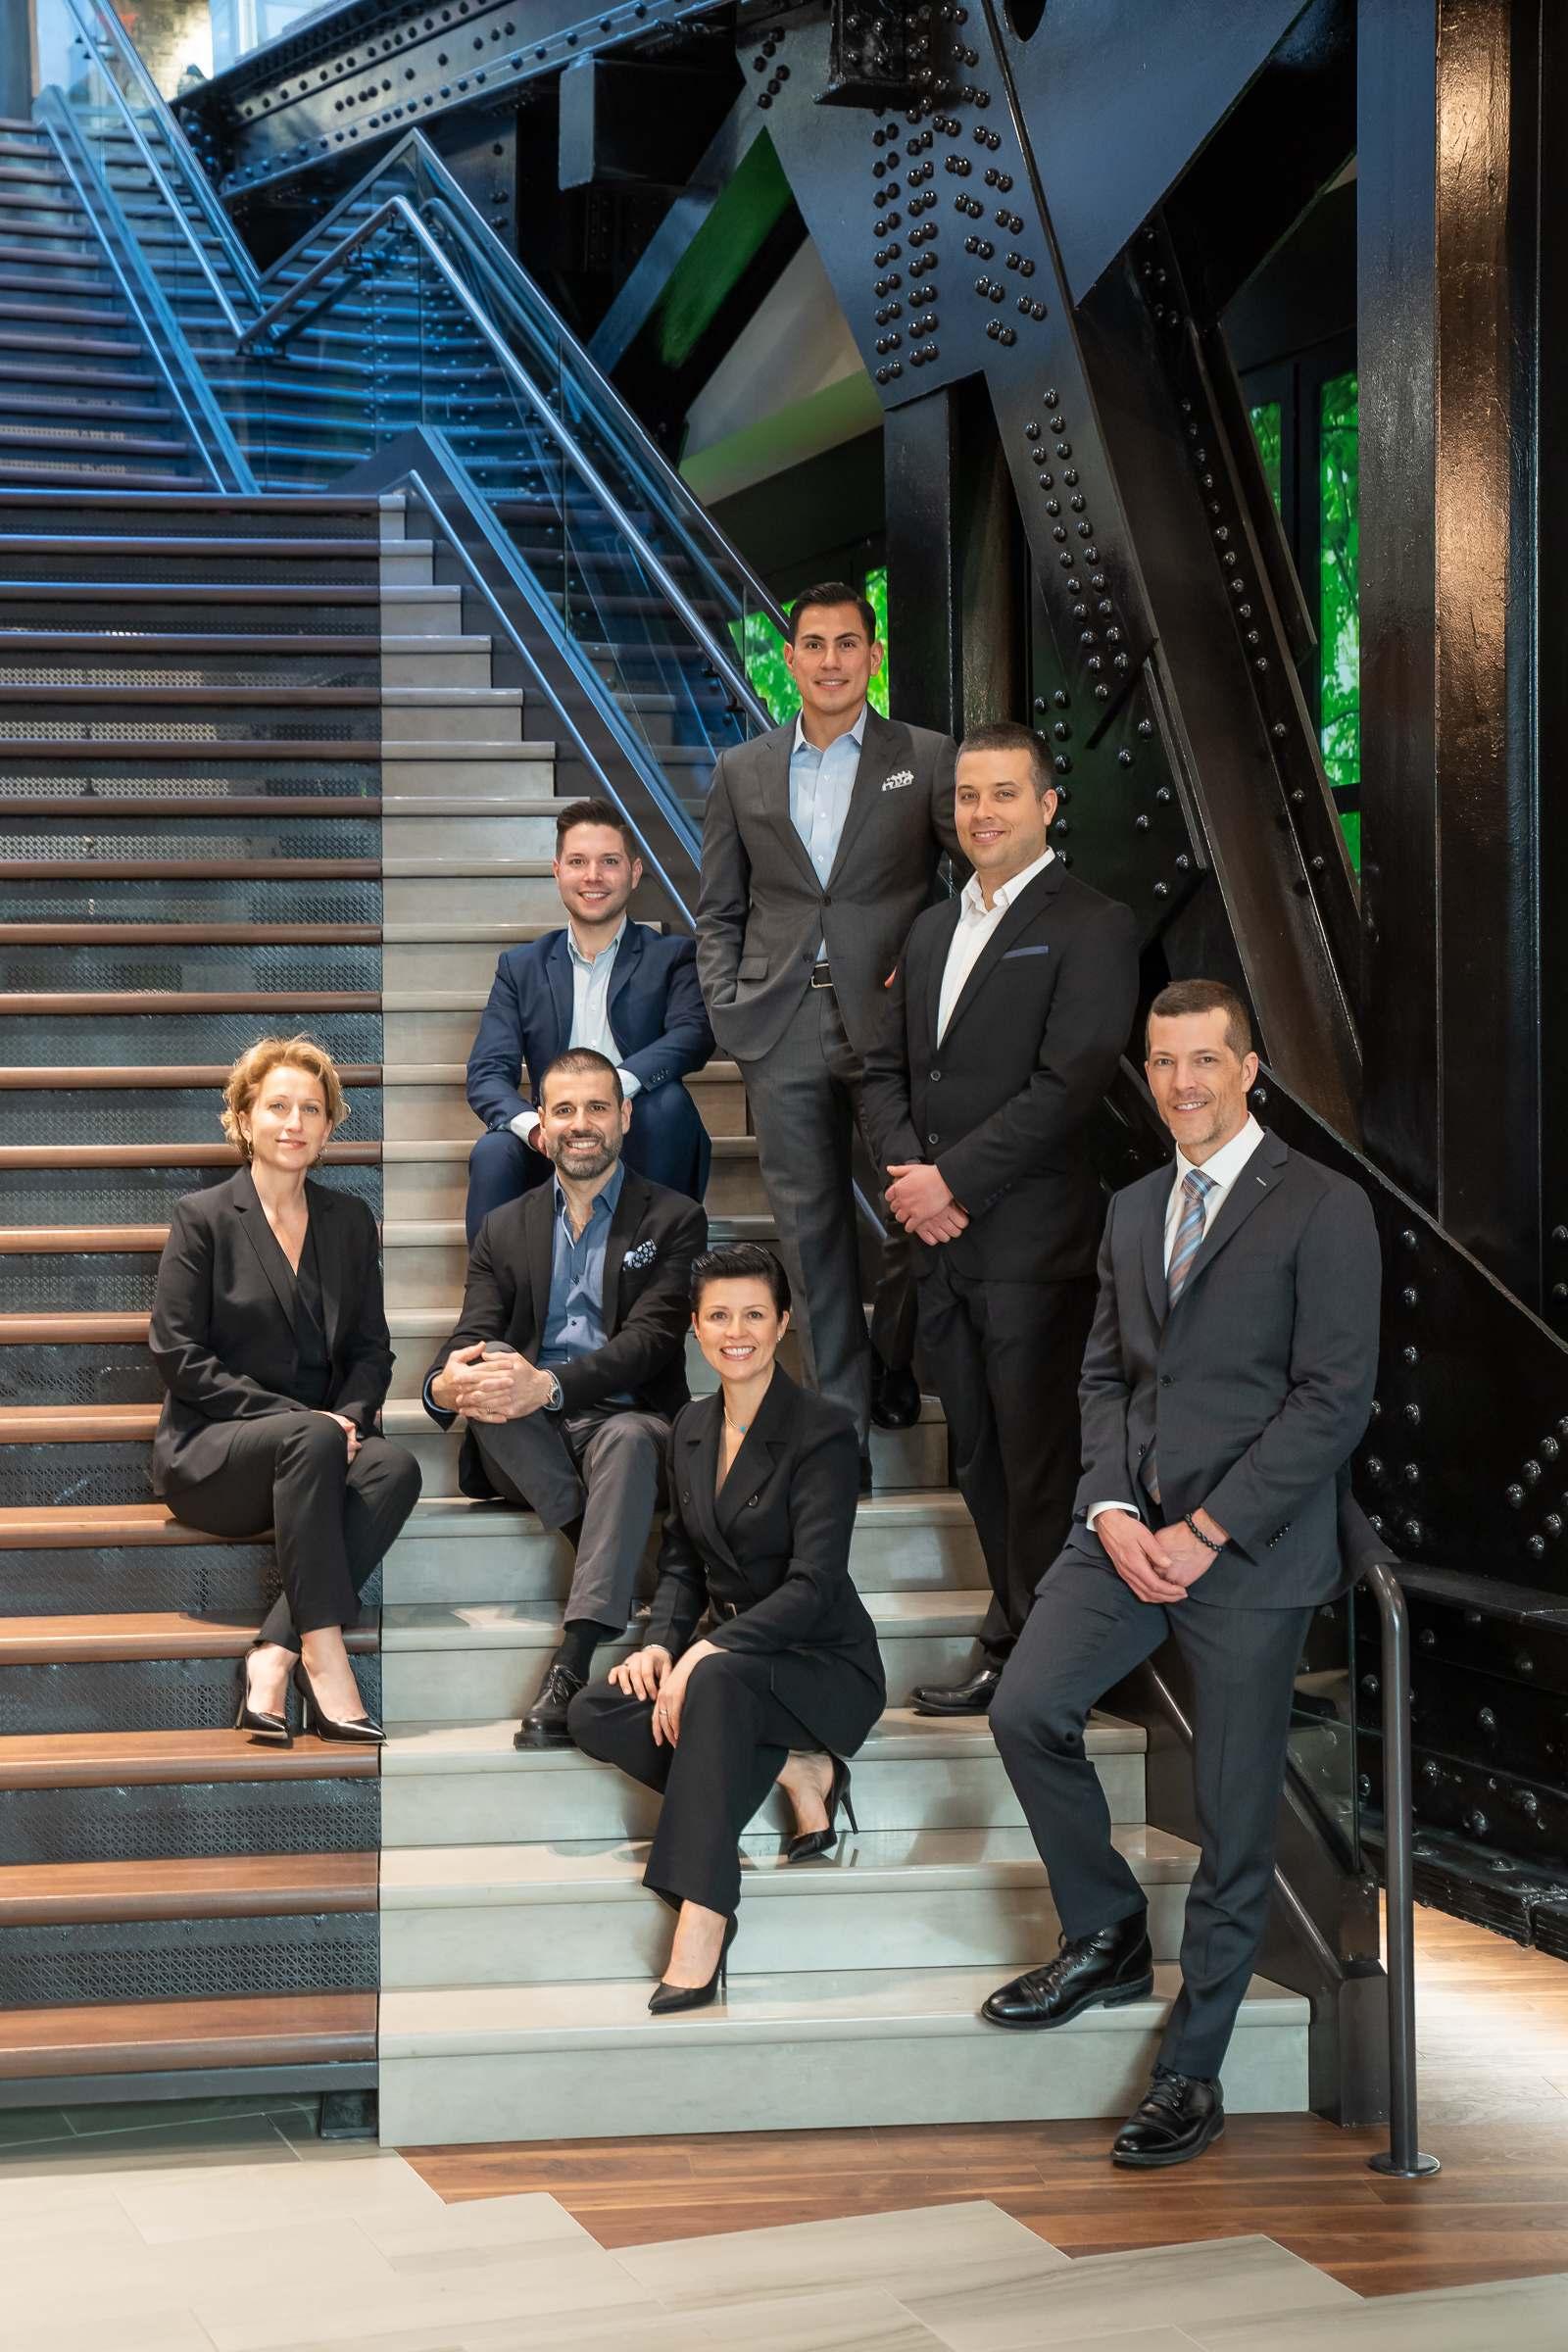 The Josh Allen Team